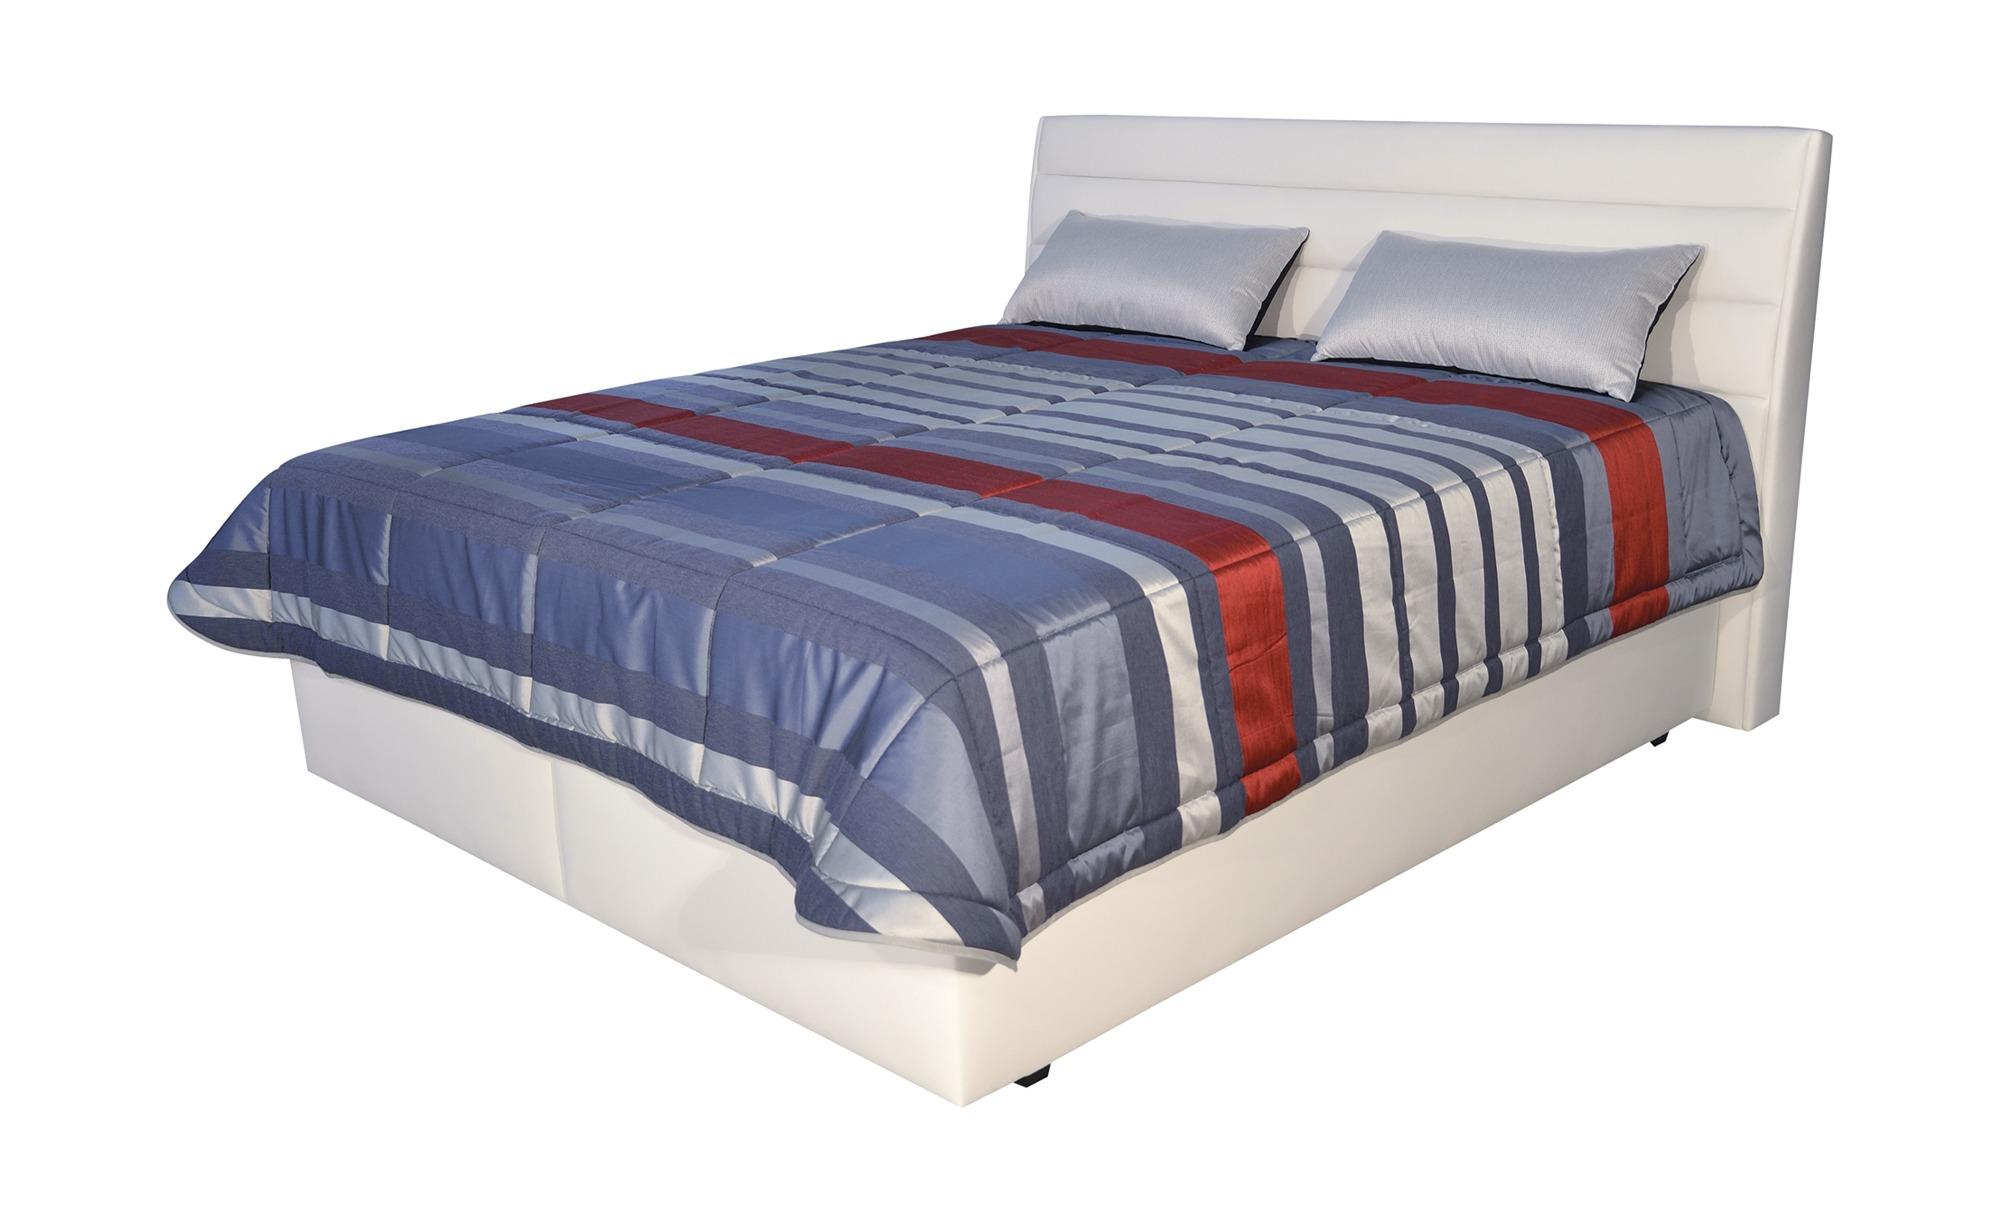 Boxspringbett Olympie - weiß - 202 cm - 116 cm - 220 cm - Sconto